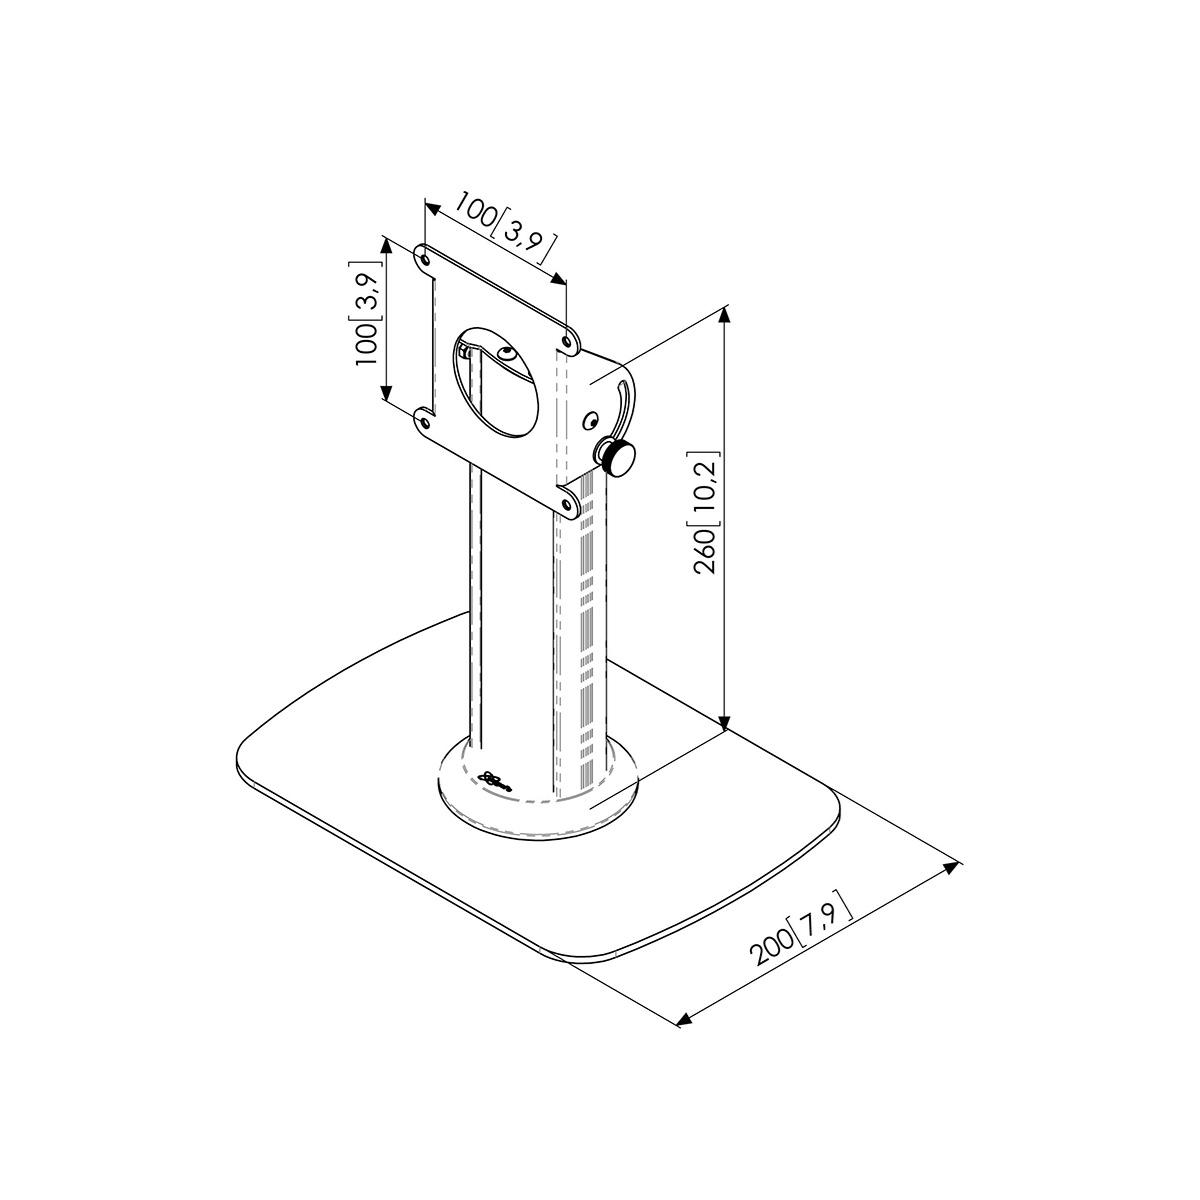 Vogels PTA 3005 - Напольная стационарная стойка для защитных кожухов TabLock, макс. нагрузка 3 кг, серебристая